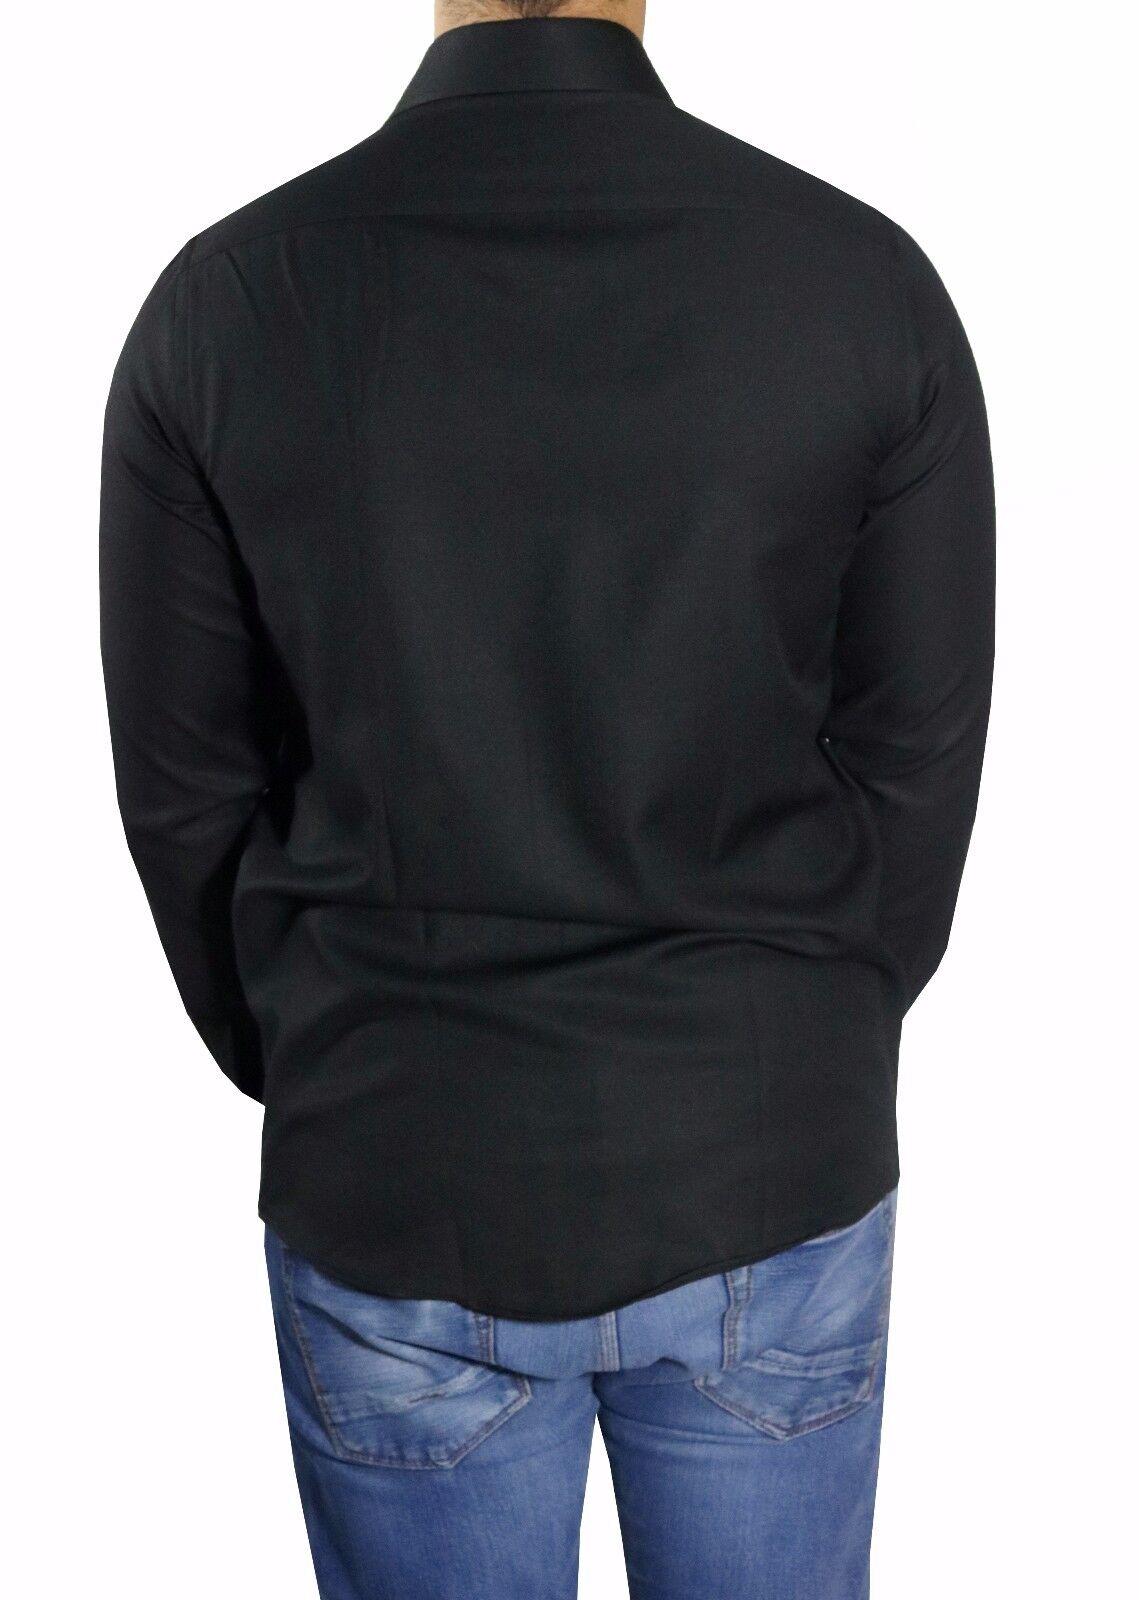 Slim-fit Hemd extra lange Arme Gr.XL Schwarz Schwarz Schwarz   Professionelles Design    Einfach zu bedienen  9c7b1f